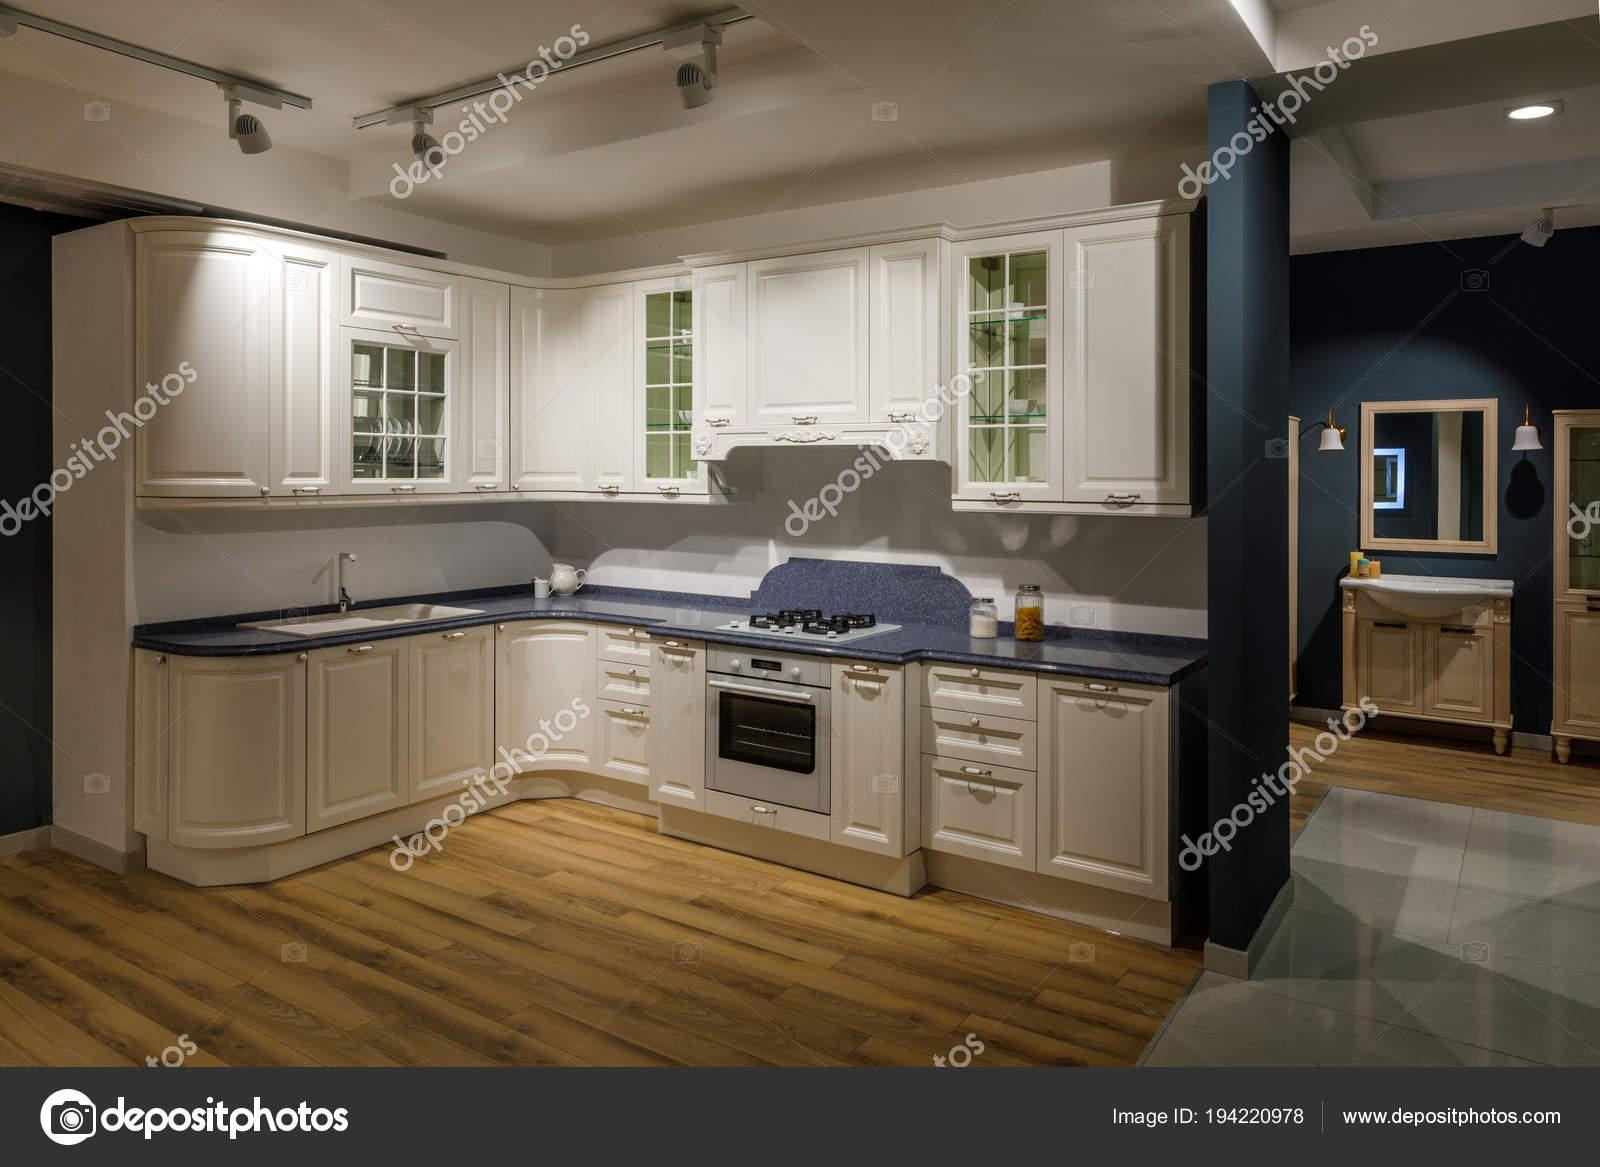 kitchen back splashes backyard ideas 在白色和蓝色的色调翻新厨房内饰 图库照片 c antonmatyukha 194220978